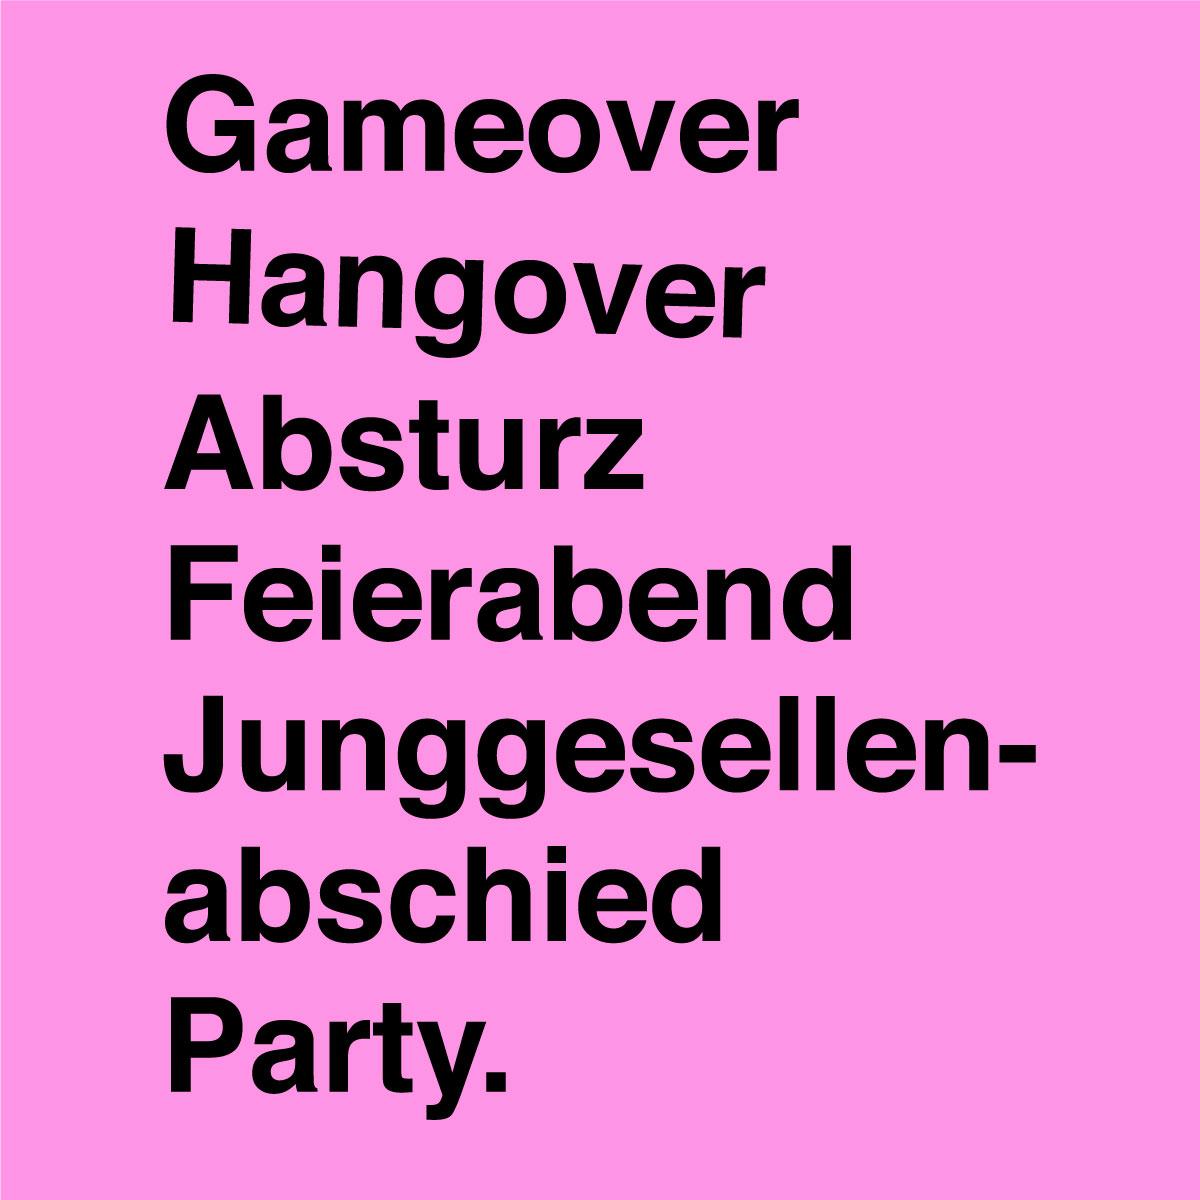 Gameover-Helvetica-Titelbild